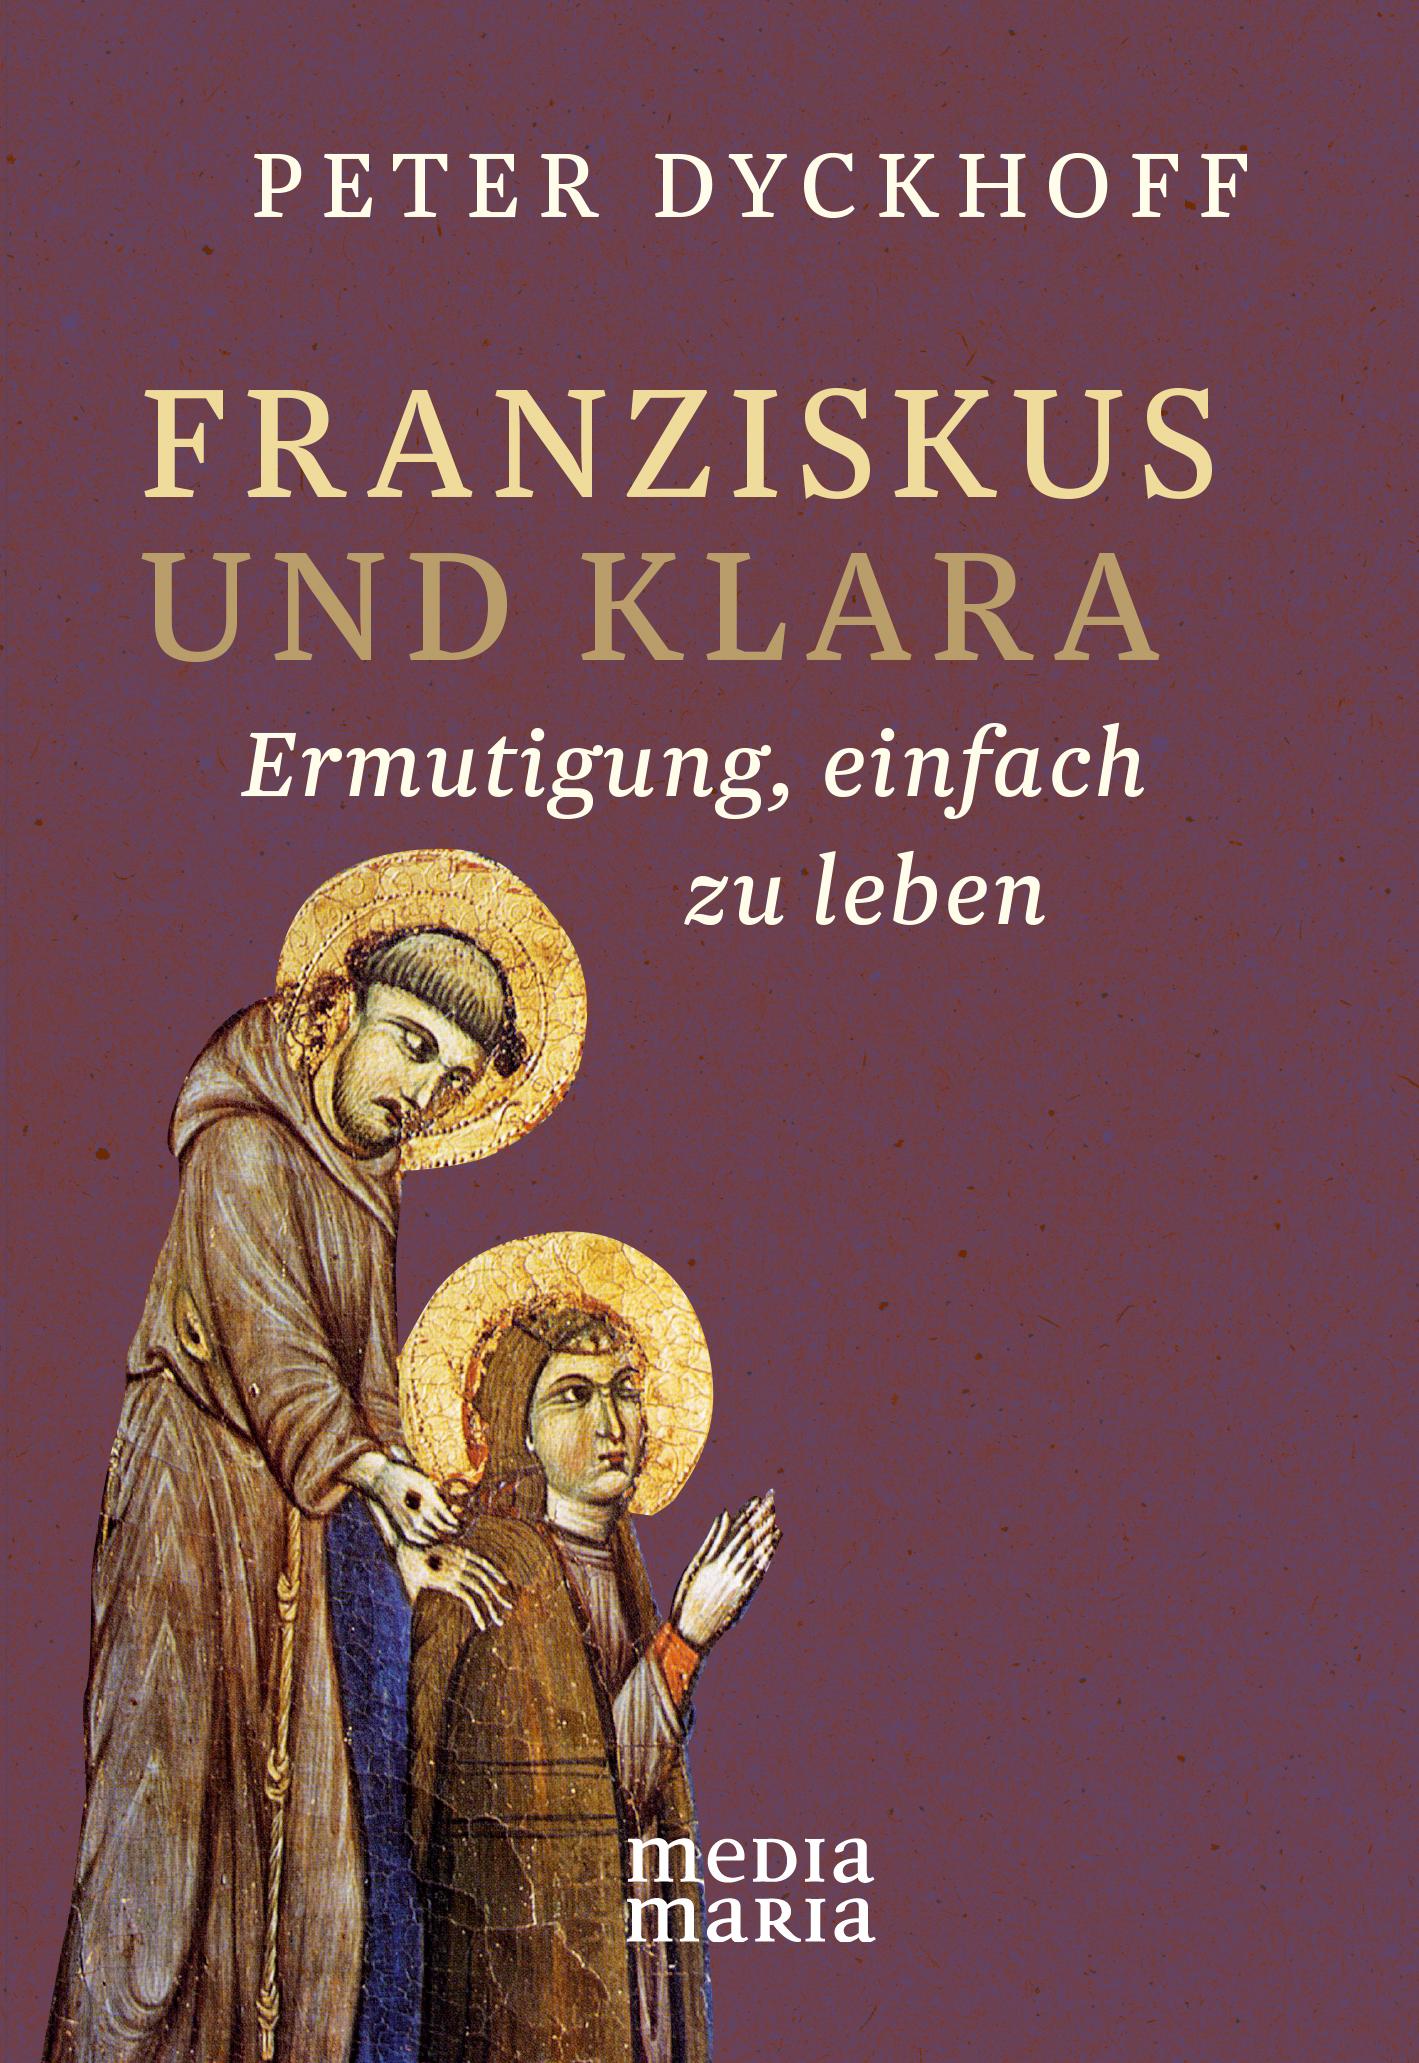 Franziskus-und-Klara-Peter-Dyckhoff